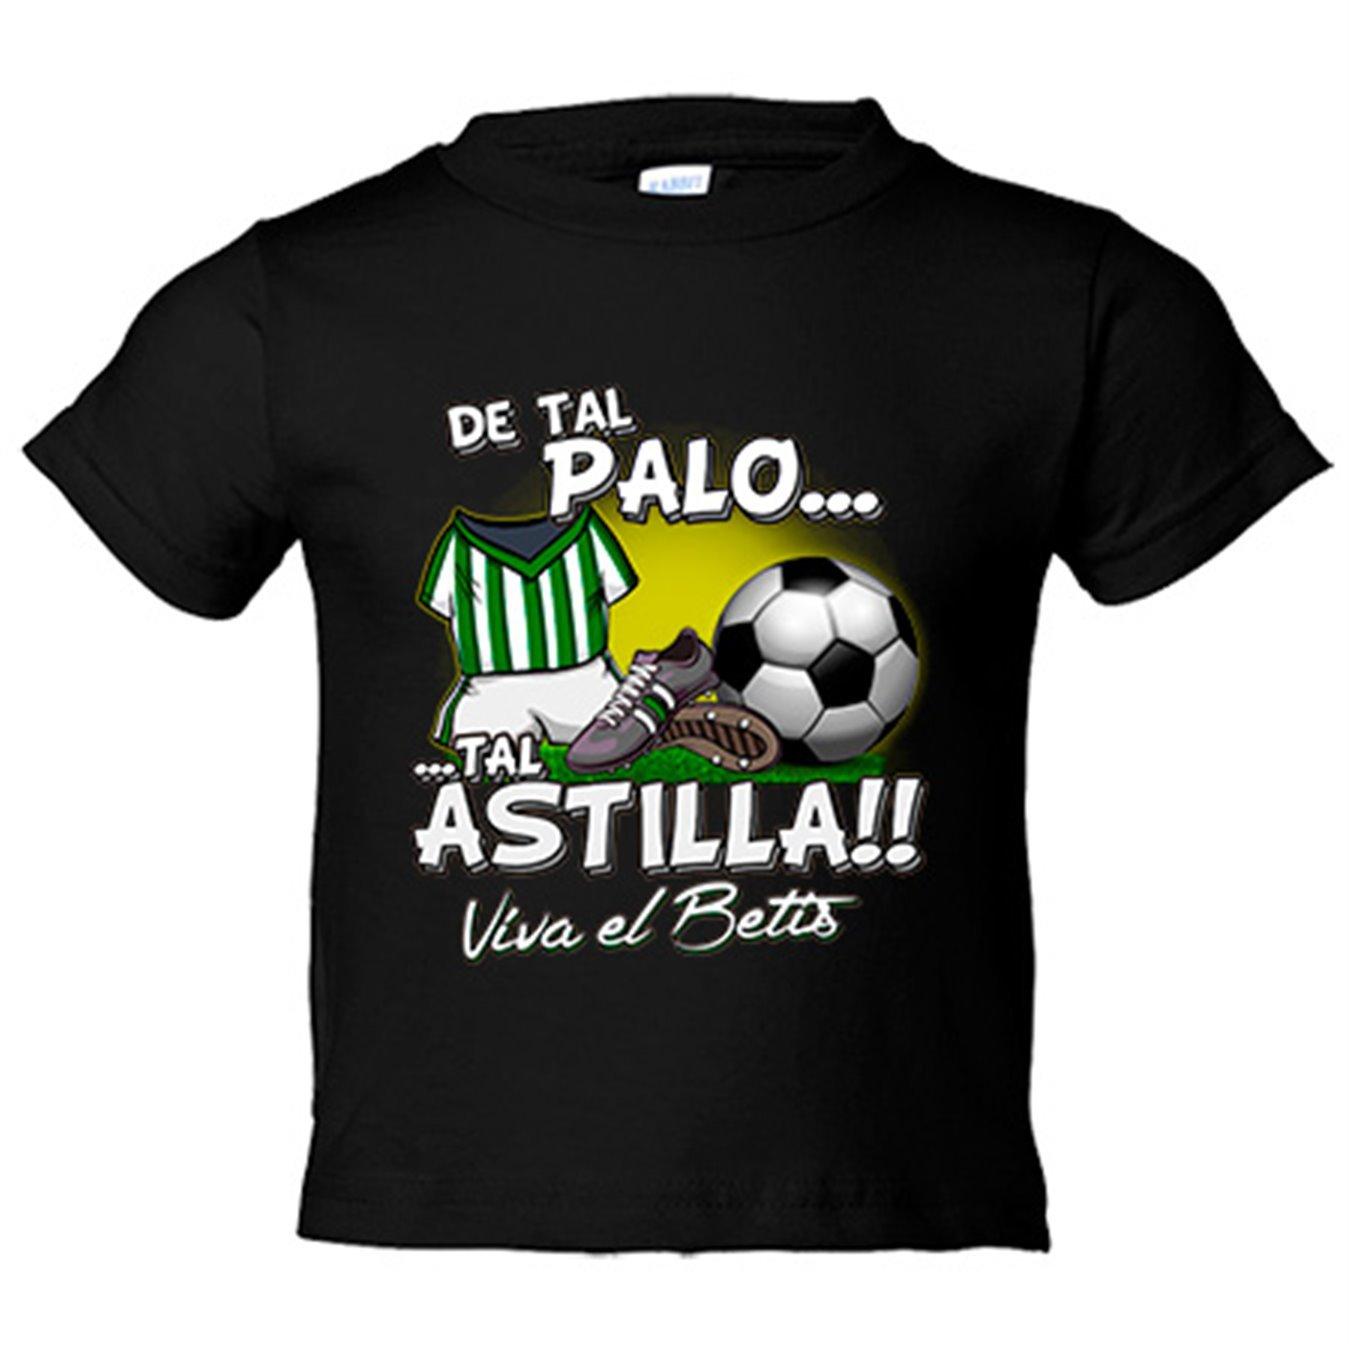 Camiseta niño De tal palo tal astilla Betis fútbol - Blanco, 3-4 años: Amazon.es: Bebé